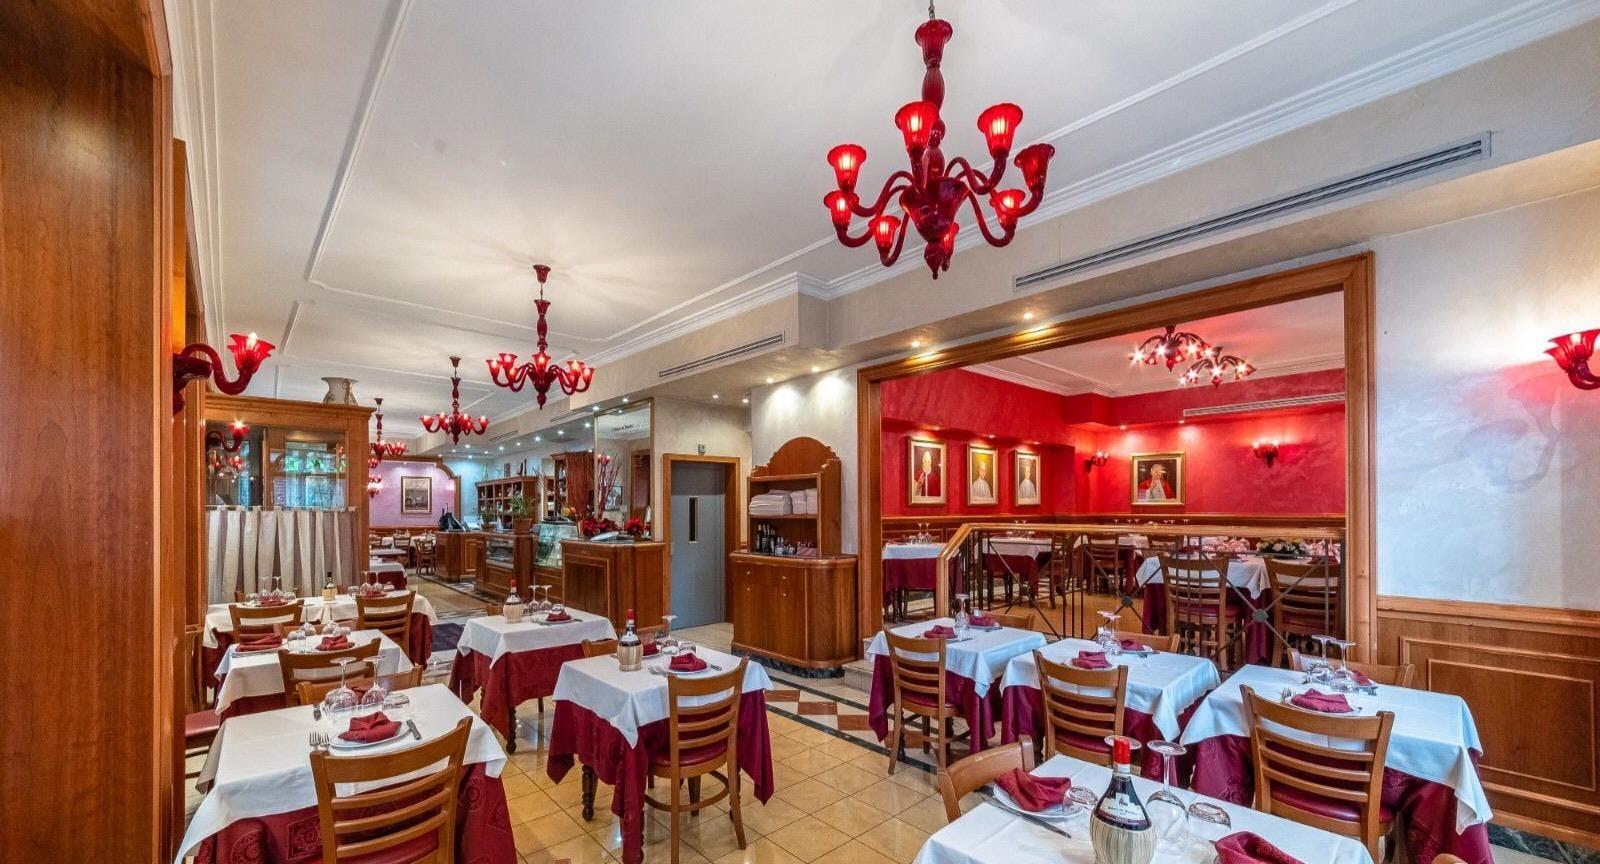 Photo of restaurant Osteria Dei Pontefici in Vaticano/Borgo, Rome